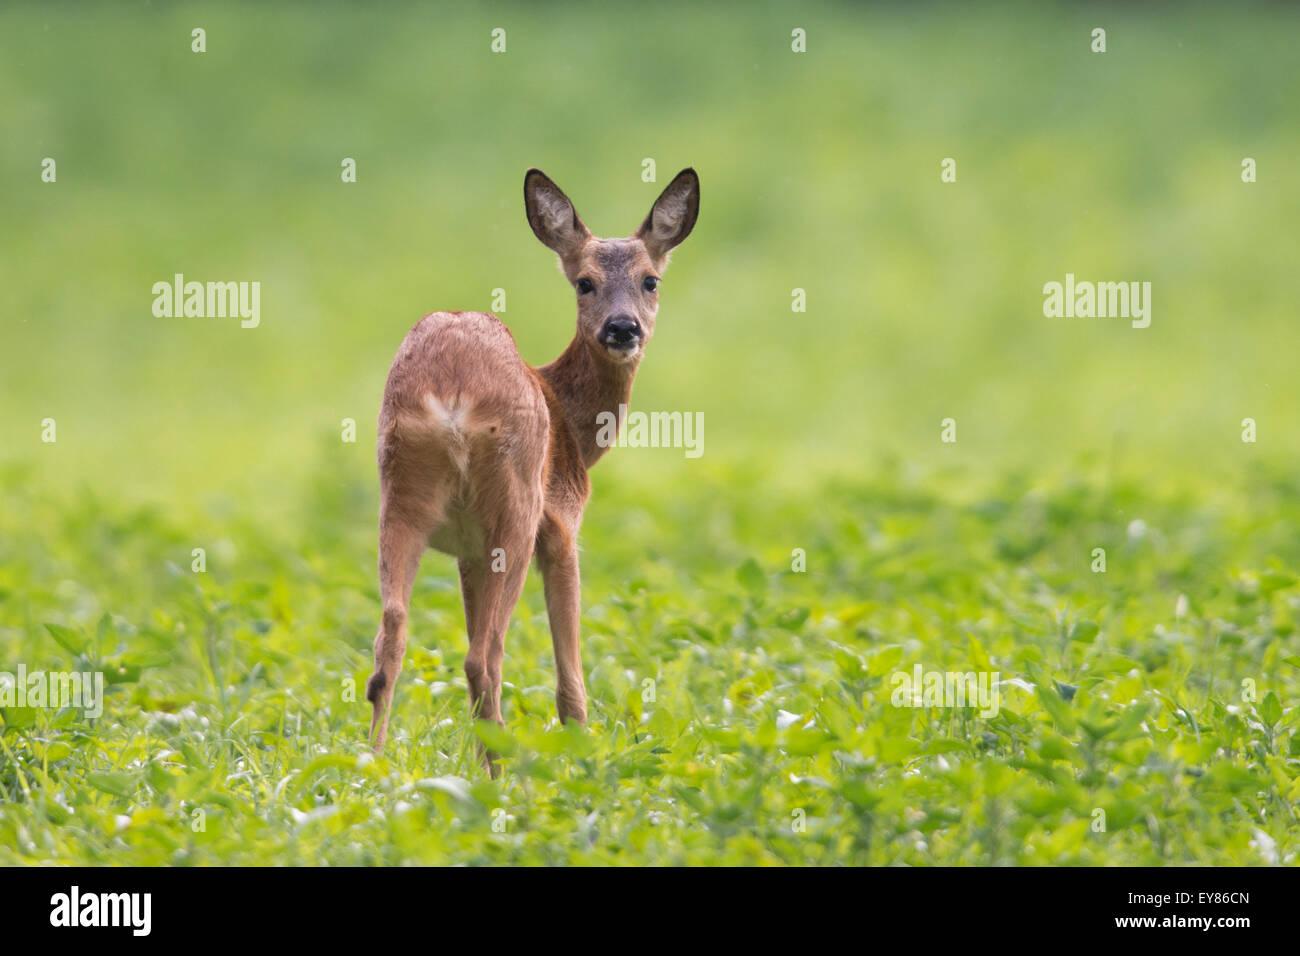 El corzo (Capreolus capreolus) de pie en campo verde, Emsland, Baja Sajonia, Alemania Imagen De Stock